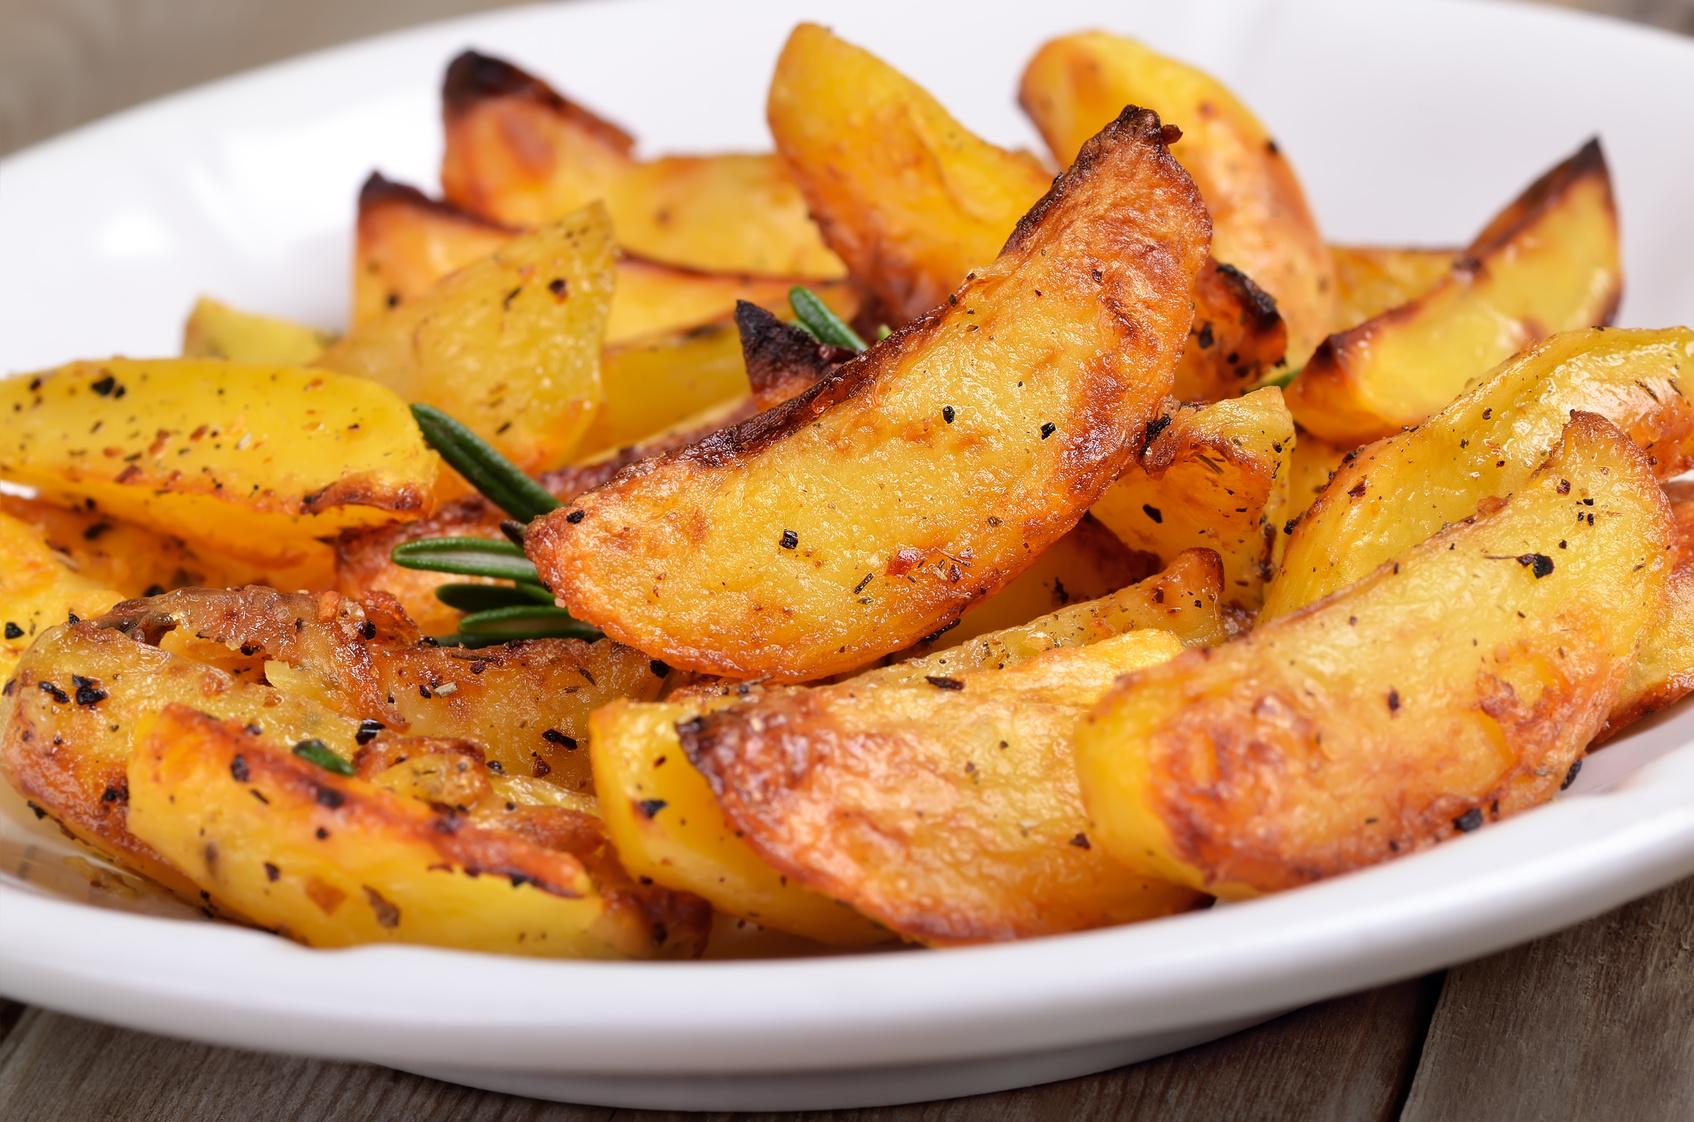 Cosa cucino oggi? Ricette veloci, ricette facili, ricette sfiziose